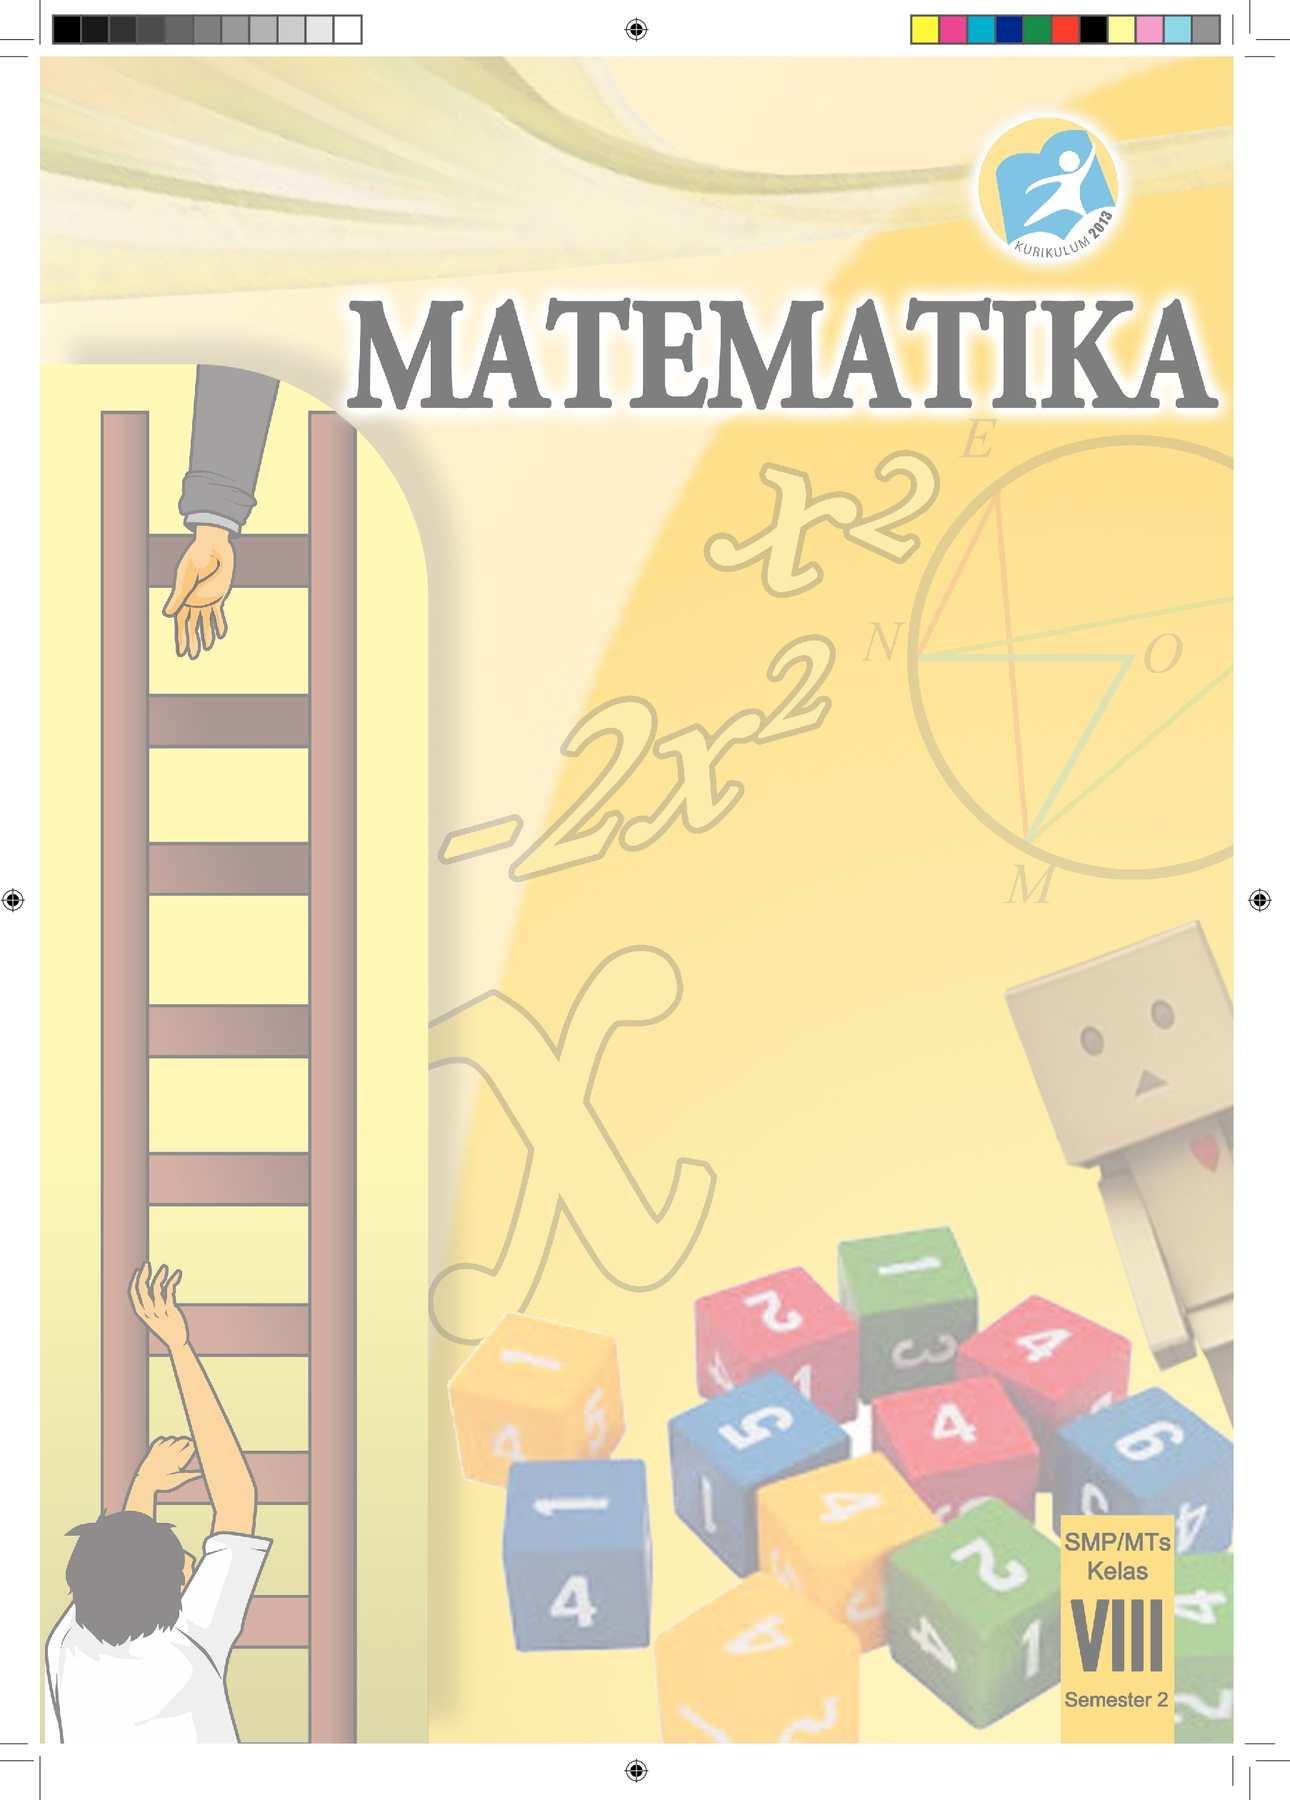 Calaméo buku pegangan siswa matematika smp kelas 8 semester 2 kurikulum 2013